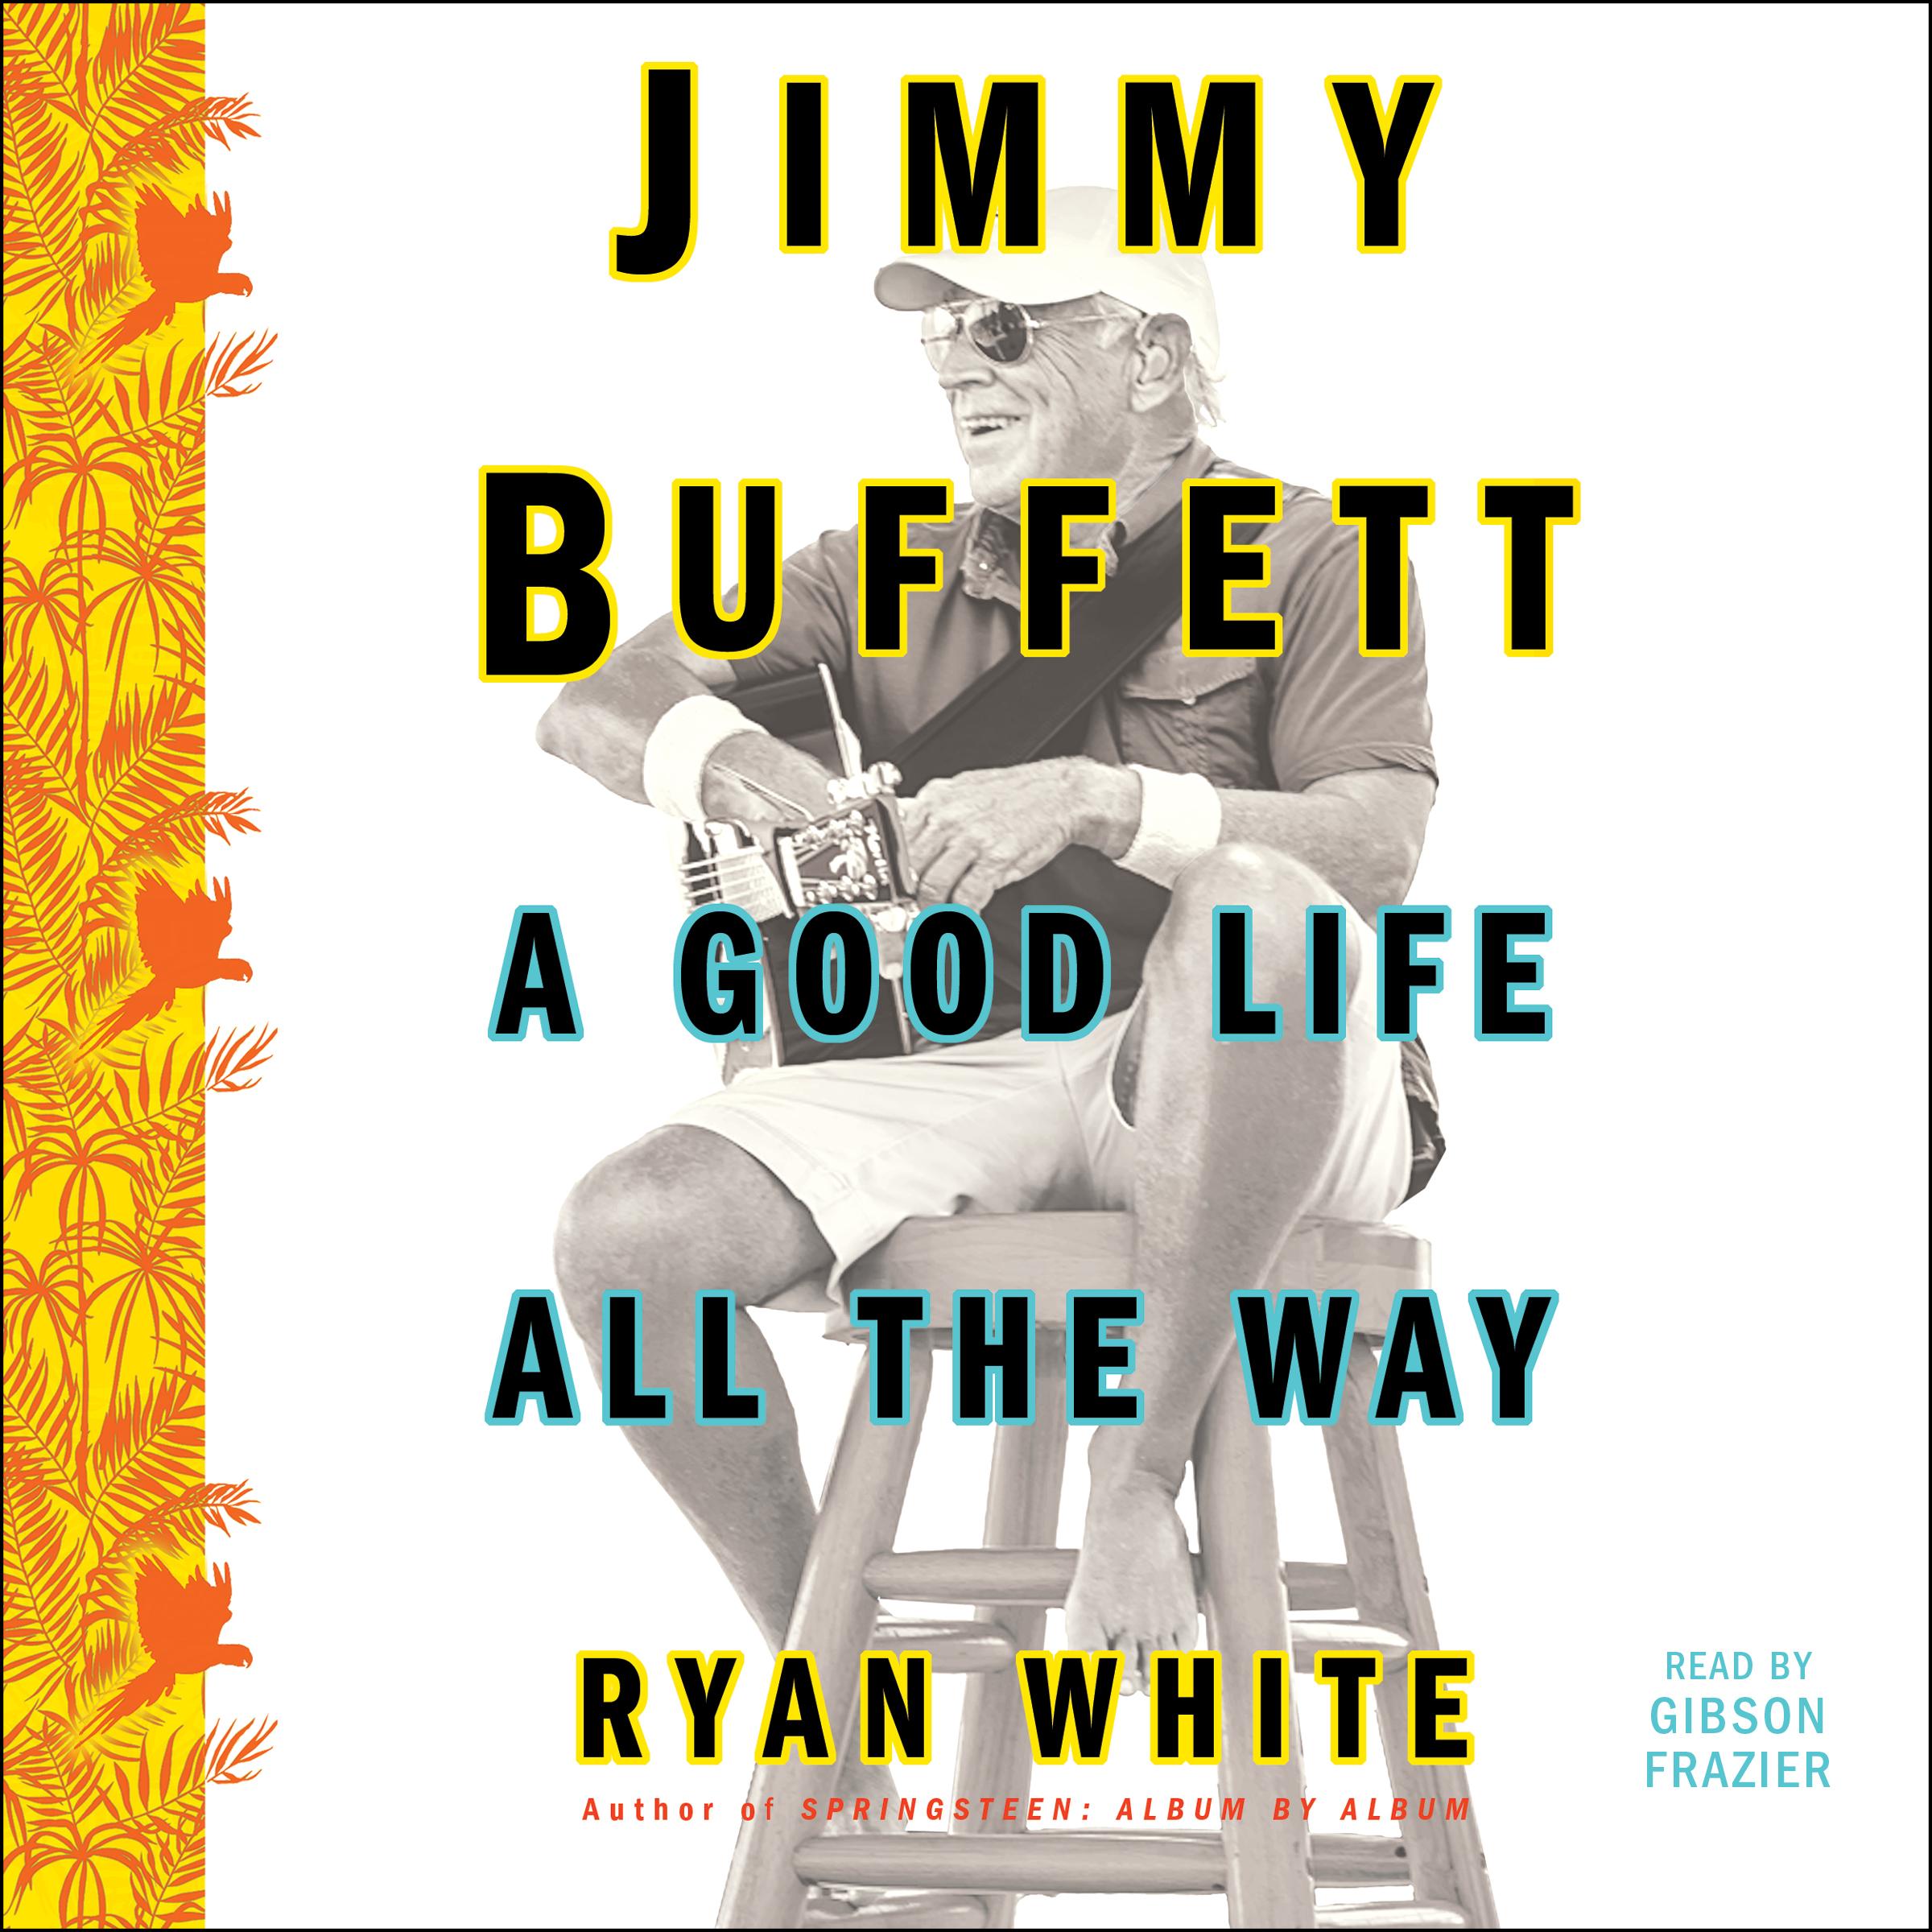 Jimmy buffett 9781508237891 hr